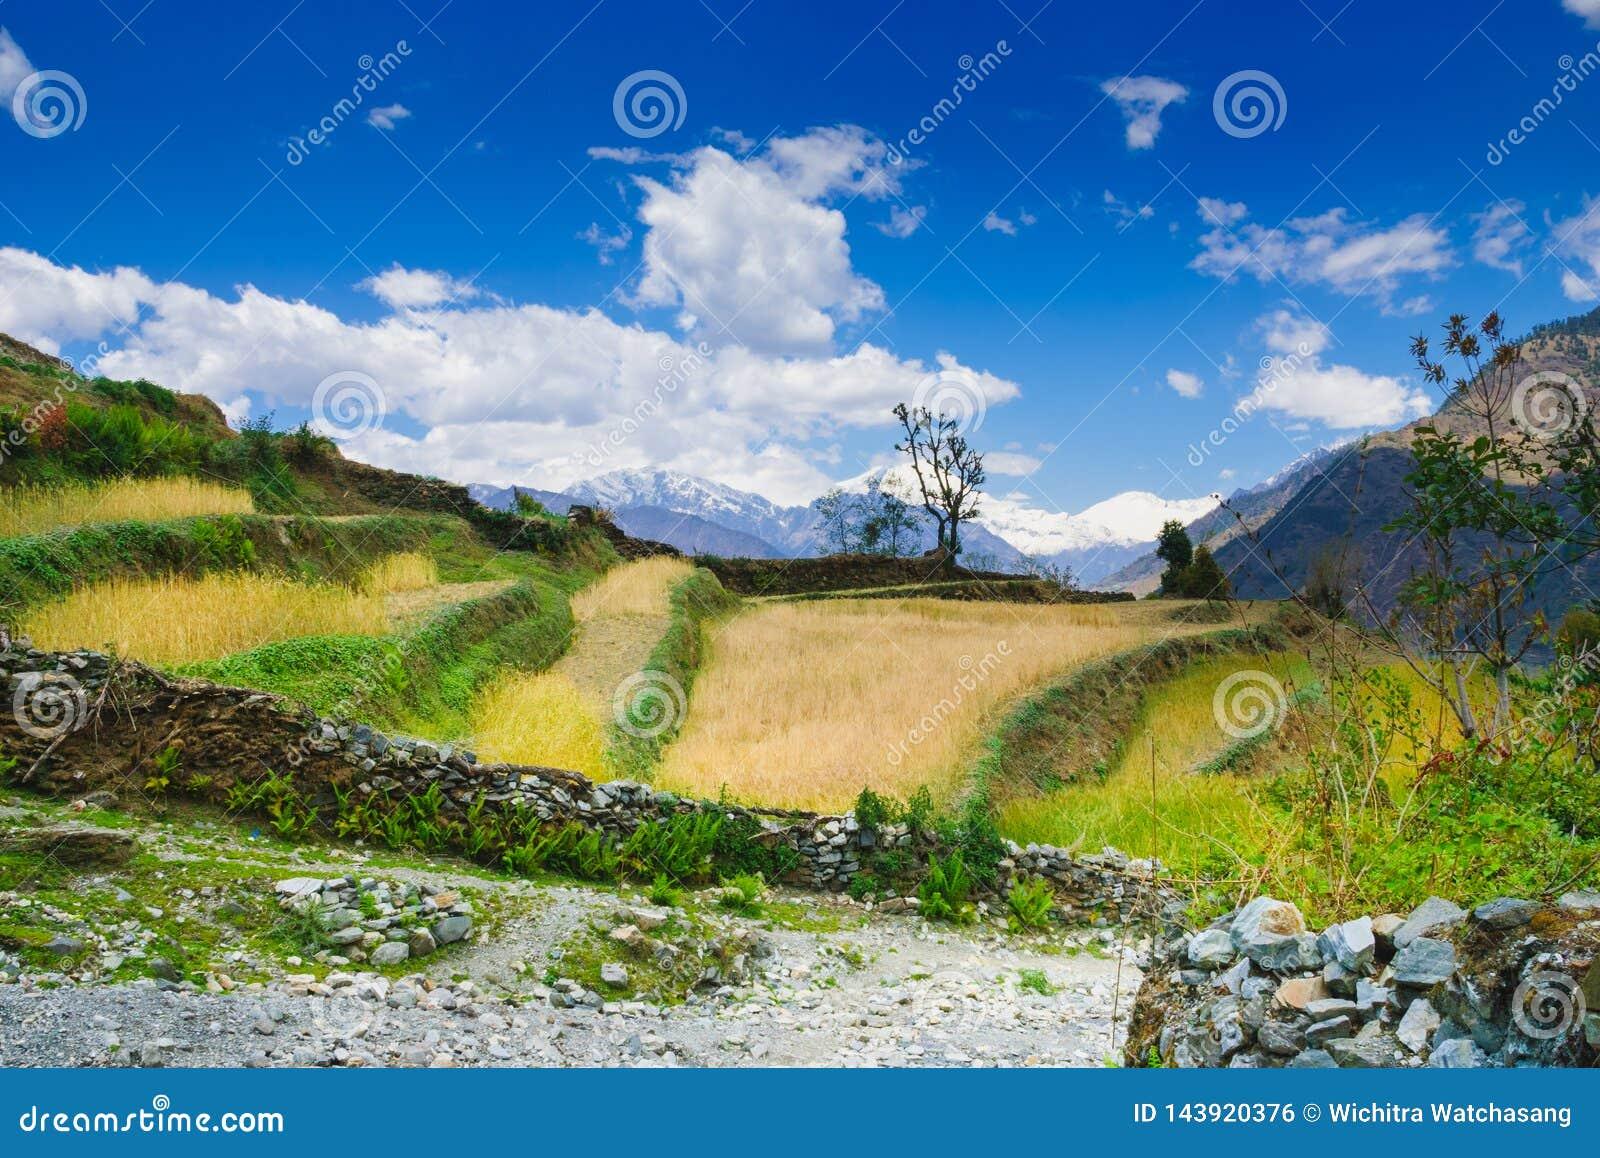 安纳布尔纳峰电路山,普遍的迁徙的足迹在尼泊尔